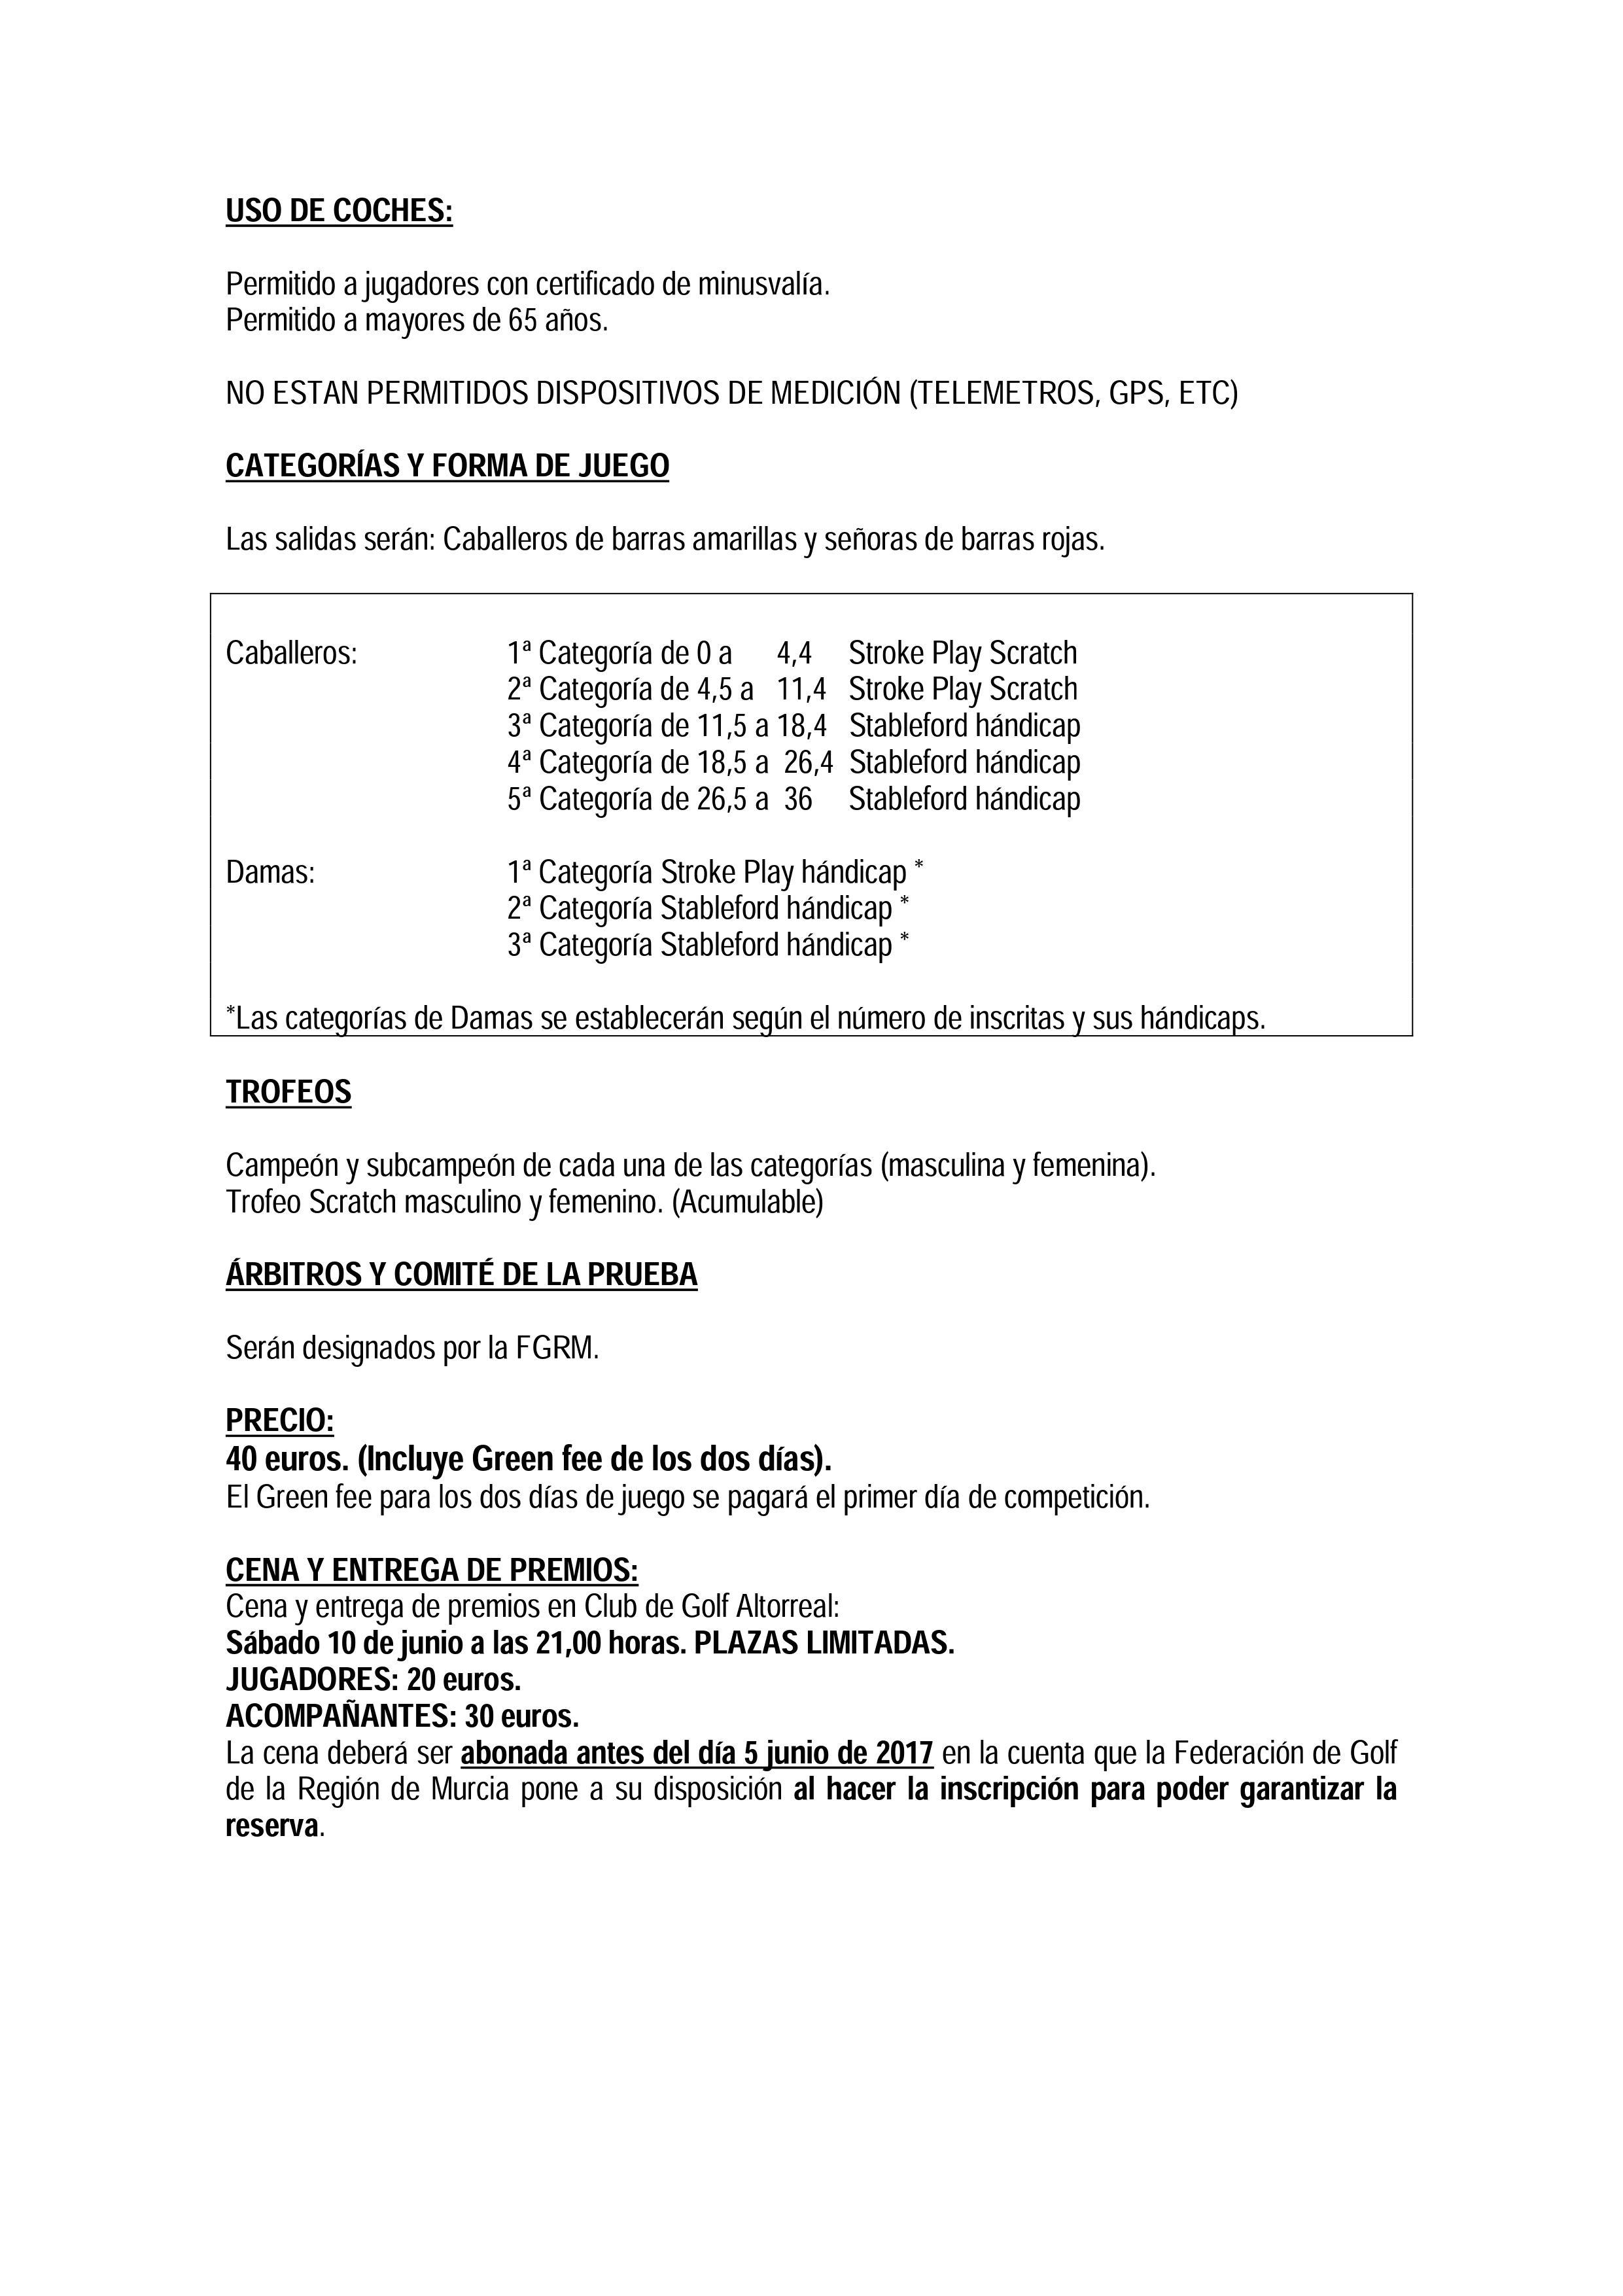 170610 ALT/VAL, Reglamento (2)